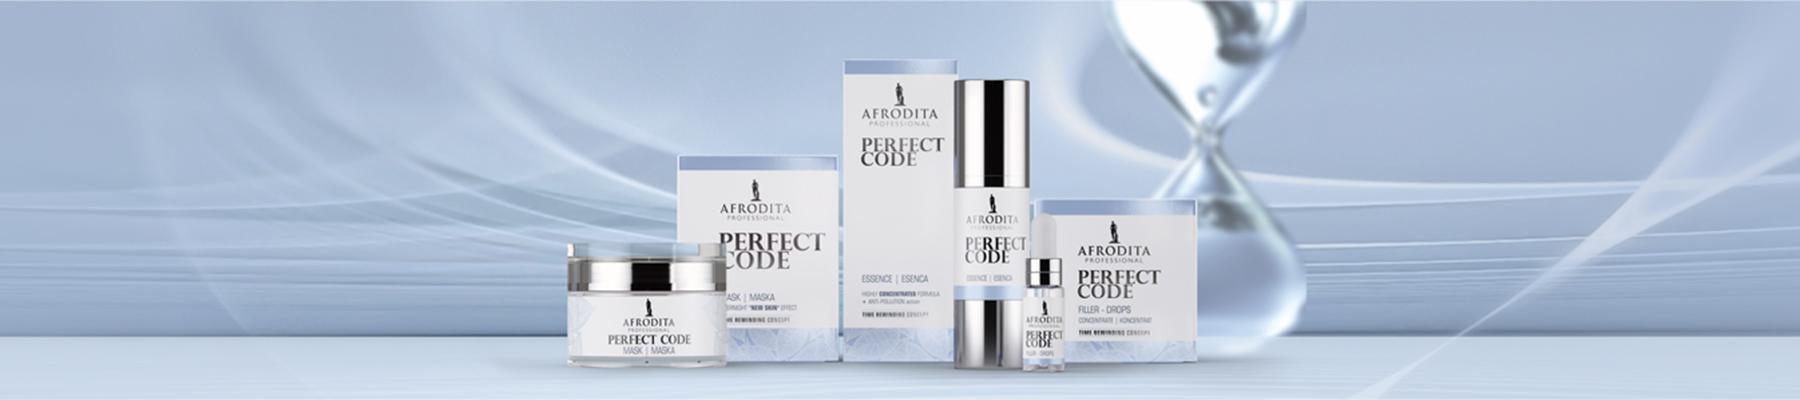 afrodita-perfect-code